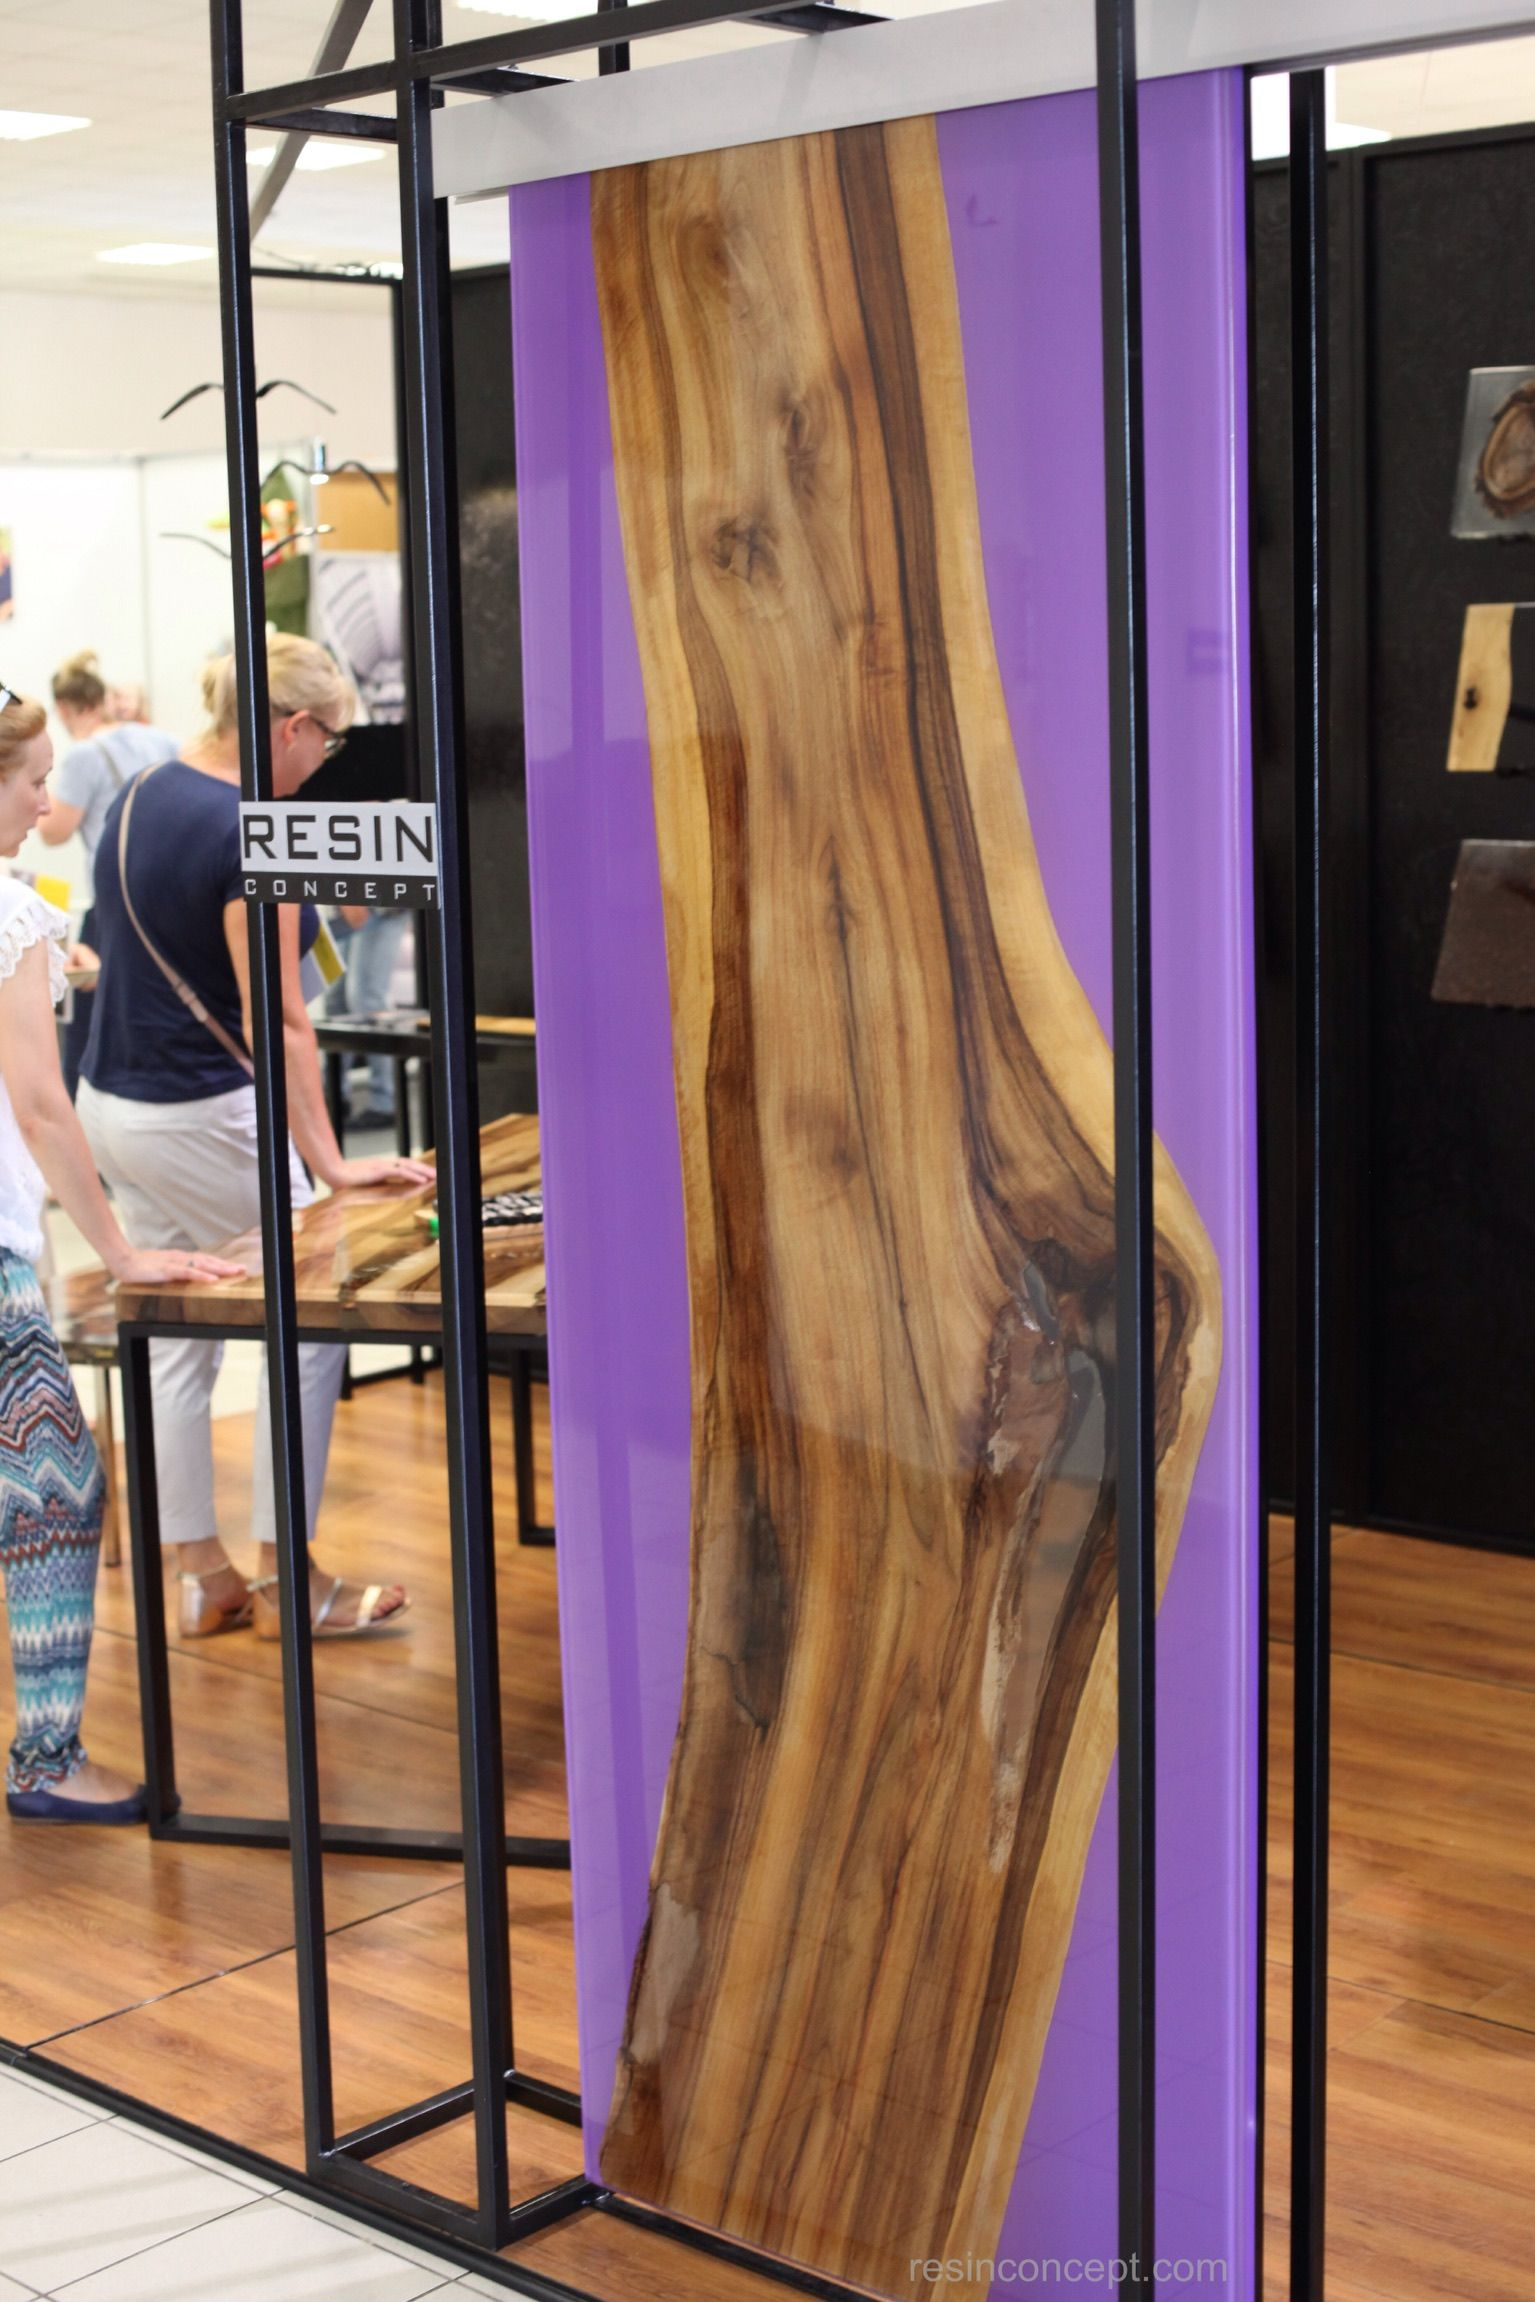 Epoxy Resin Walnut Sliding Doors Resin Concept Wood Doors Interior Interior Panel Doors Glass Panel Internal Doors